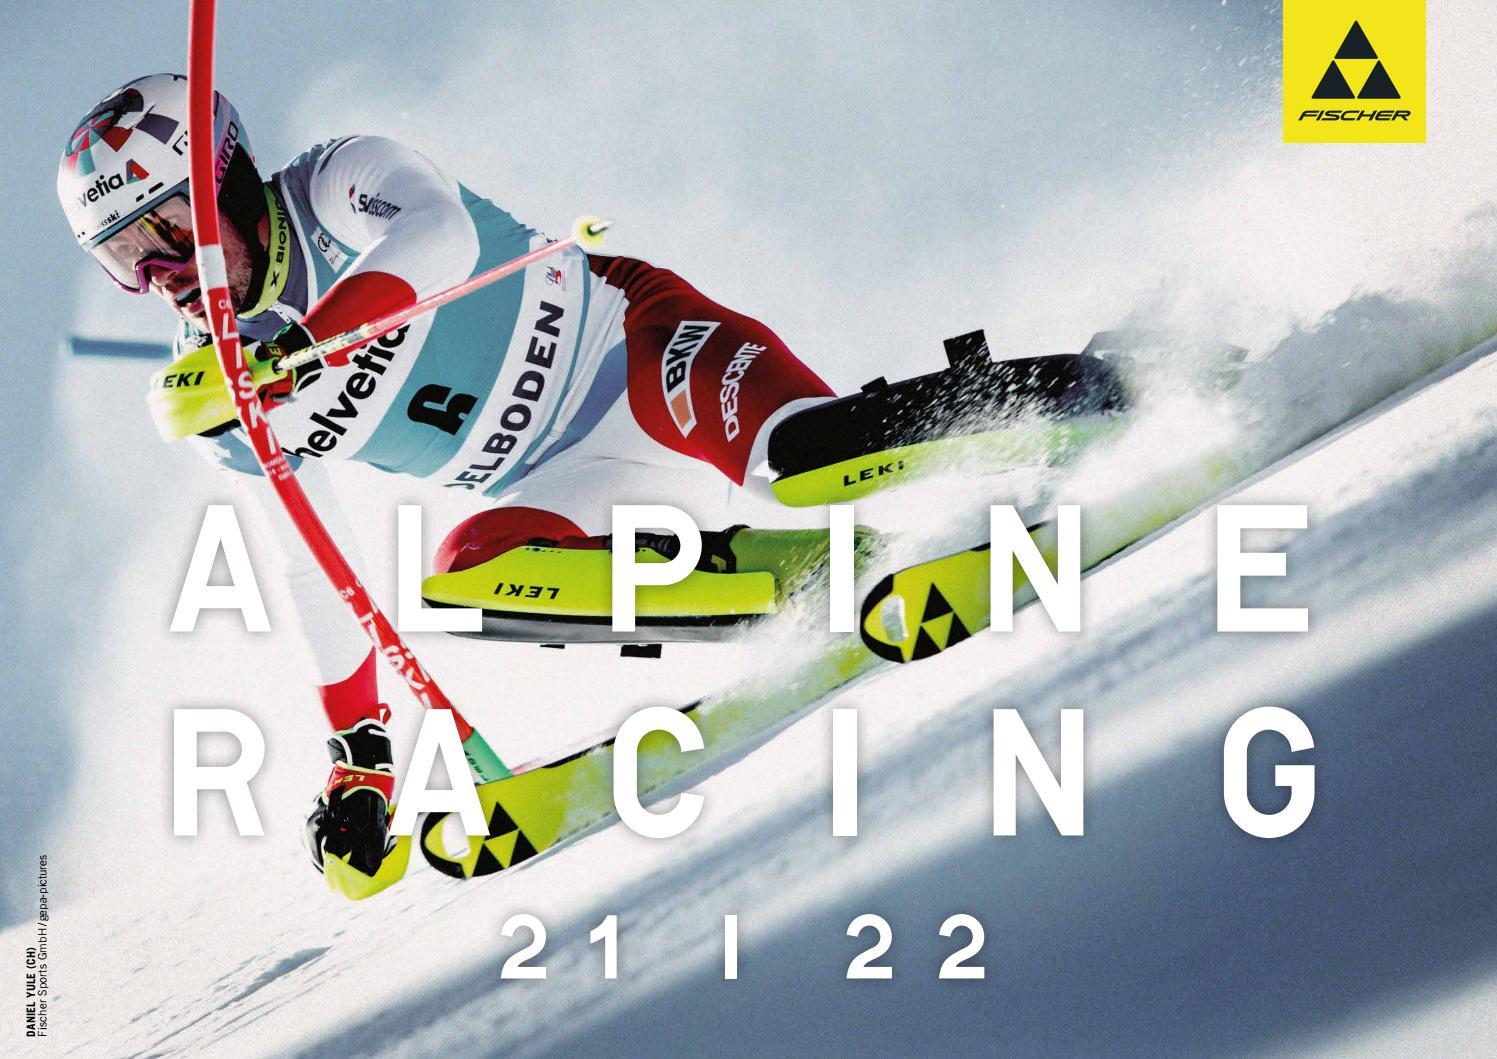 Fischer Race Folder Alpine 21|22 EN by Fischer Sports GmbH - issuu